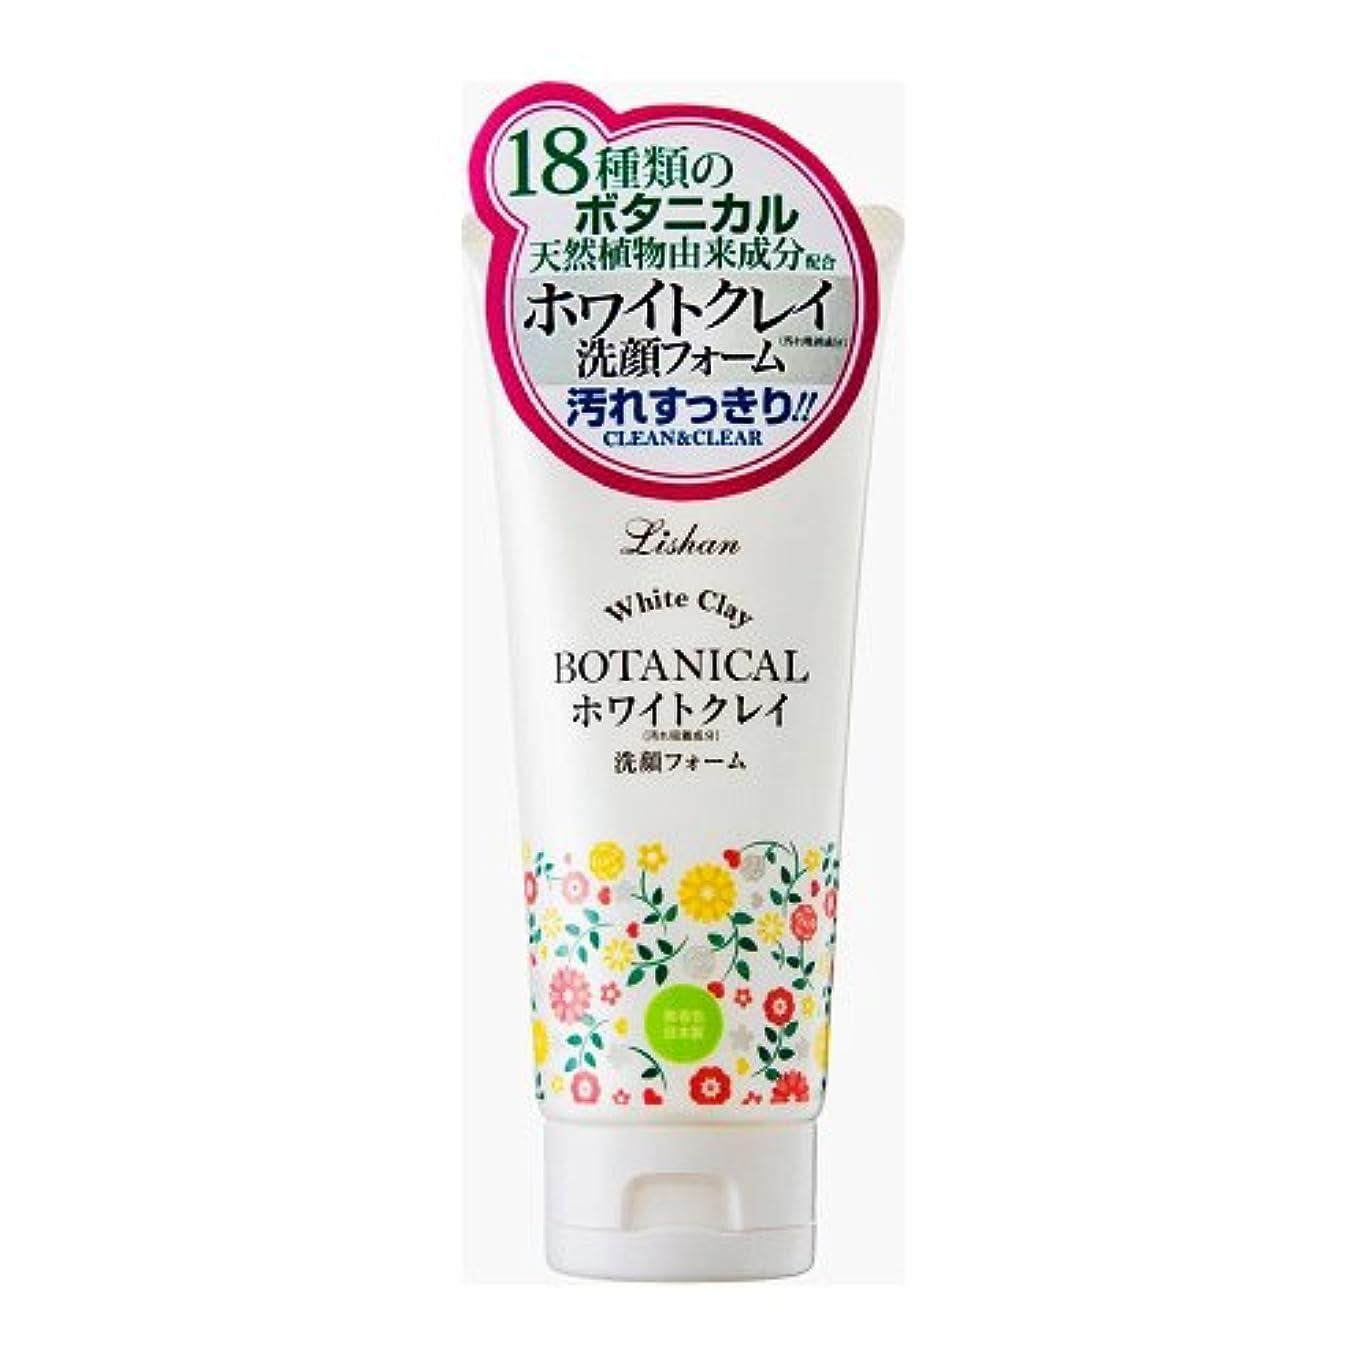 他の場所理容室学部長リシャン ホワイトクレイ洗顔フォーム (フレッシュハーブの香り) (130g)